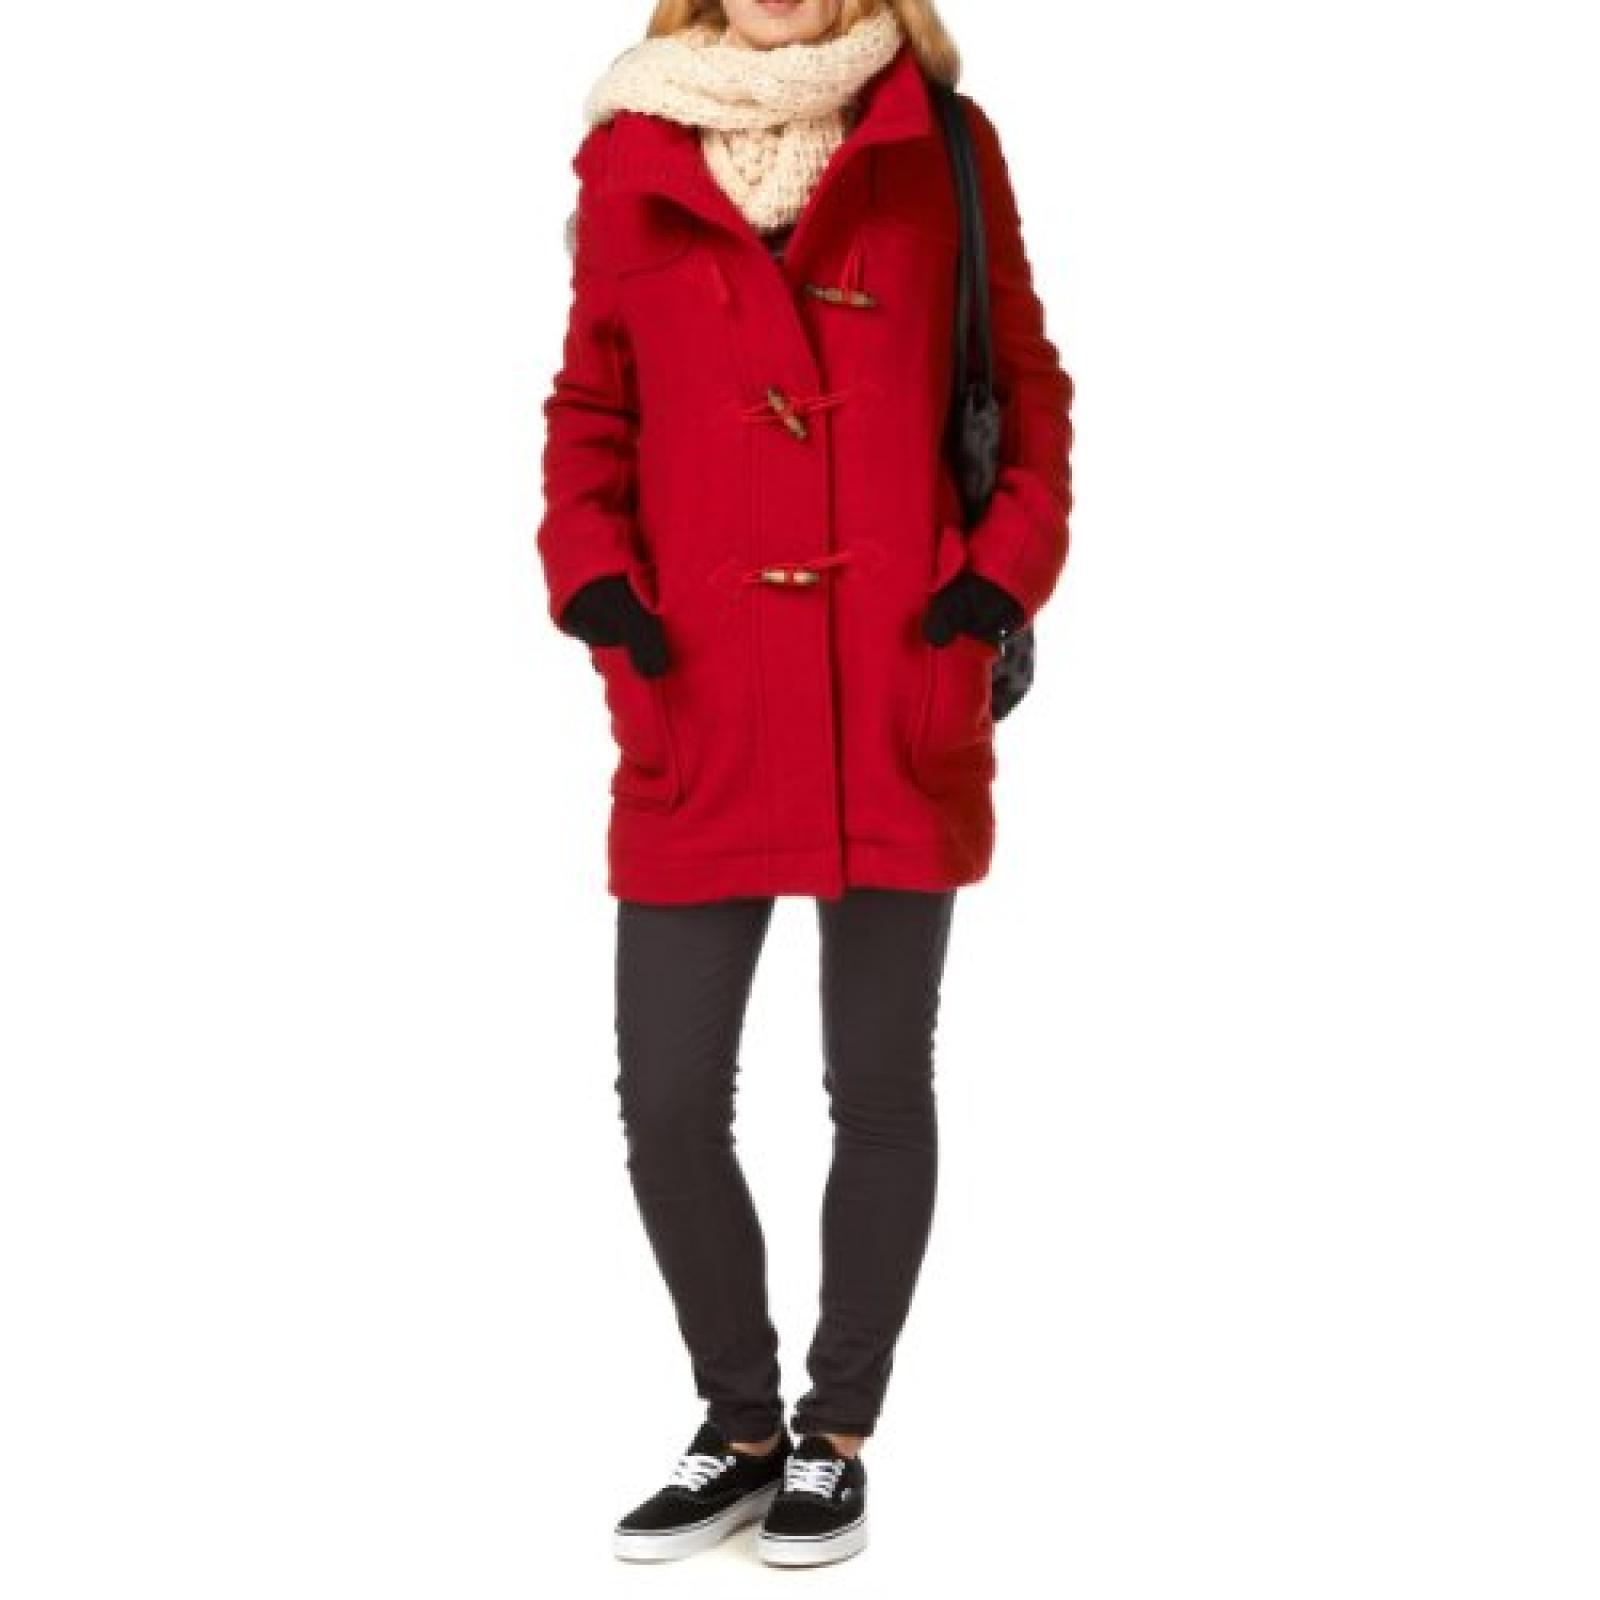 Roxy Yesterday Jacket - Lipstick Red